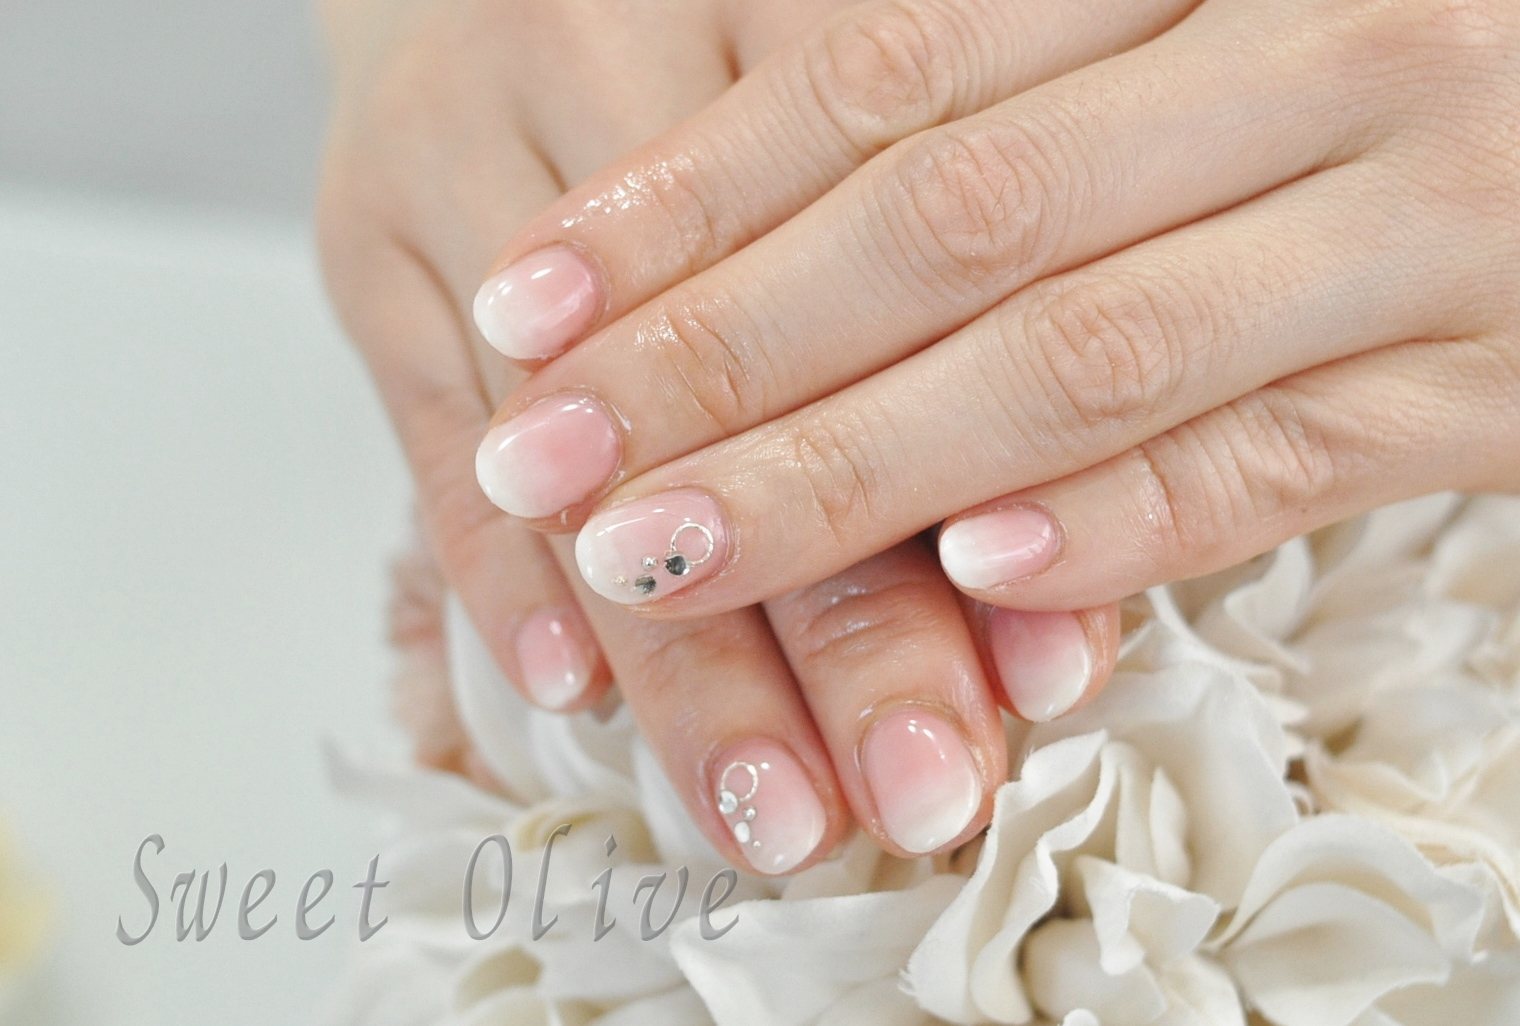 花びらネイル,白,ピンク,グラデーションネイル,初夏ネイル2019年